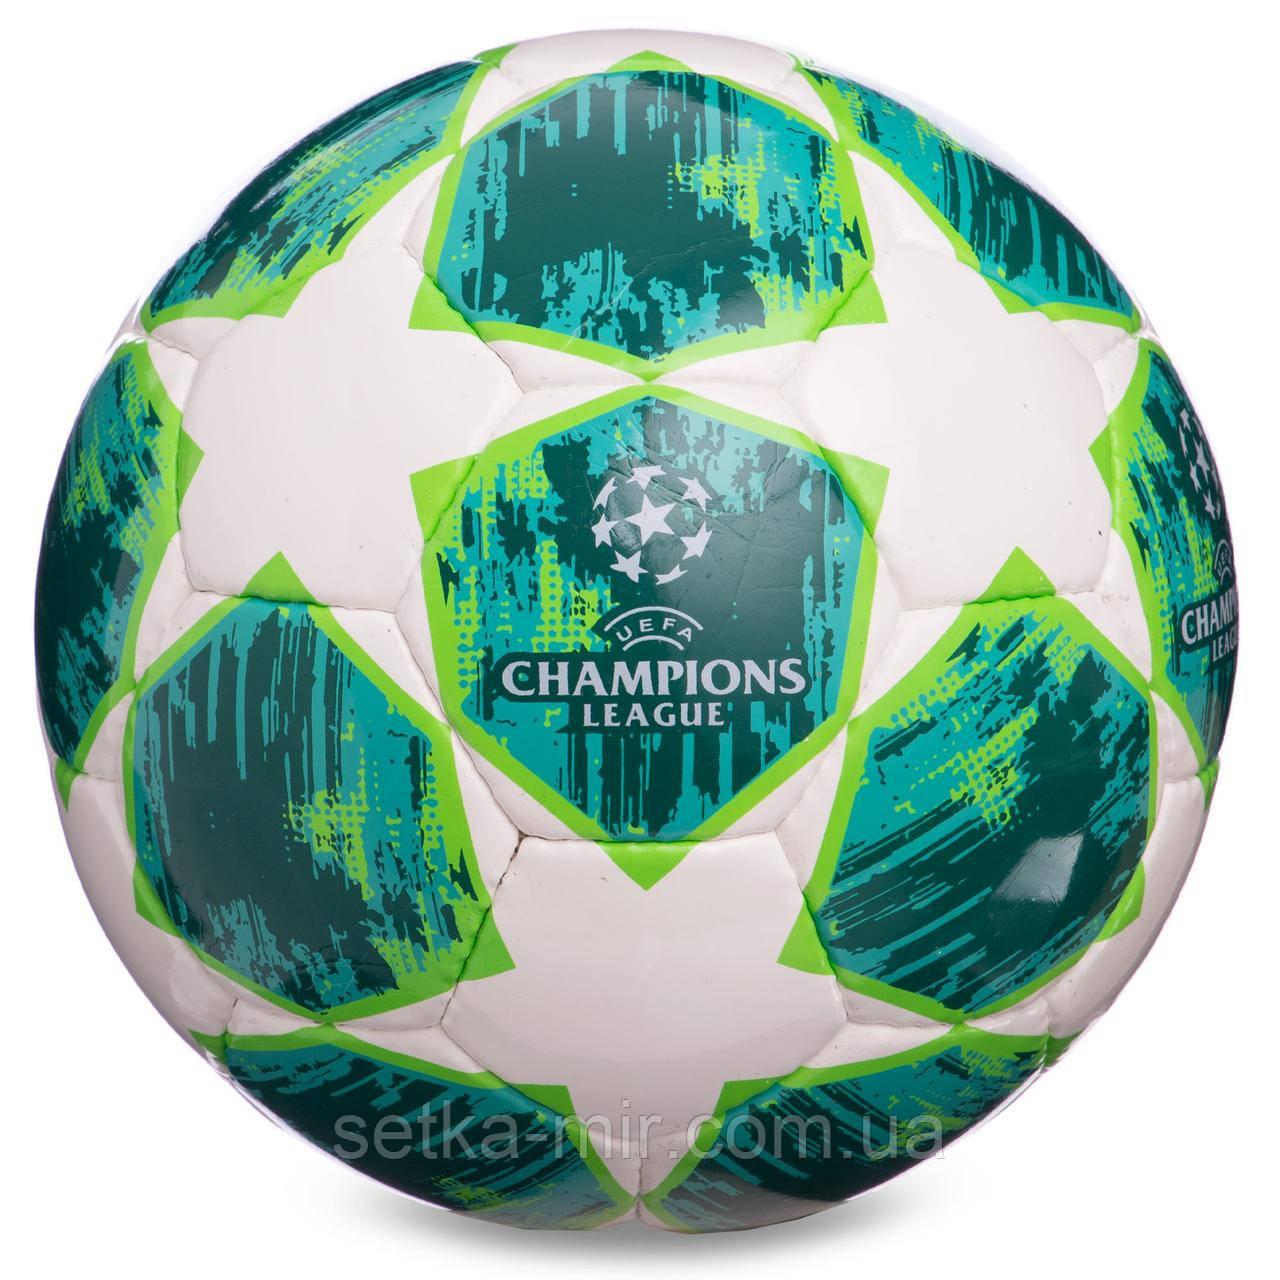 М'яч футбольний №4 PU ламін. CHAMPIONS LEAGUE FB-0152-1 (№4, 5 сл., Зшитий вручну, білий-зелений)